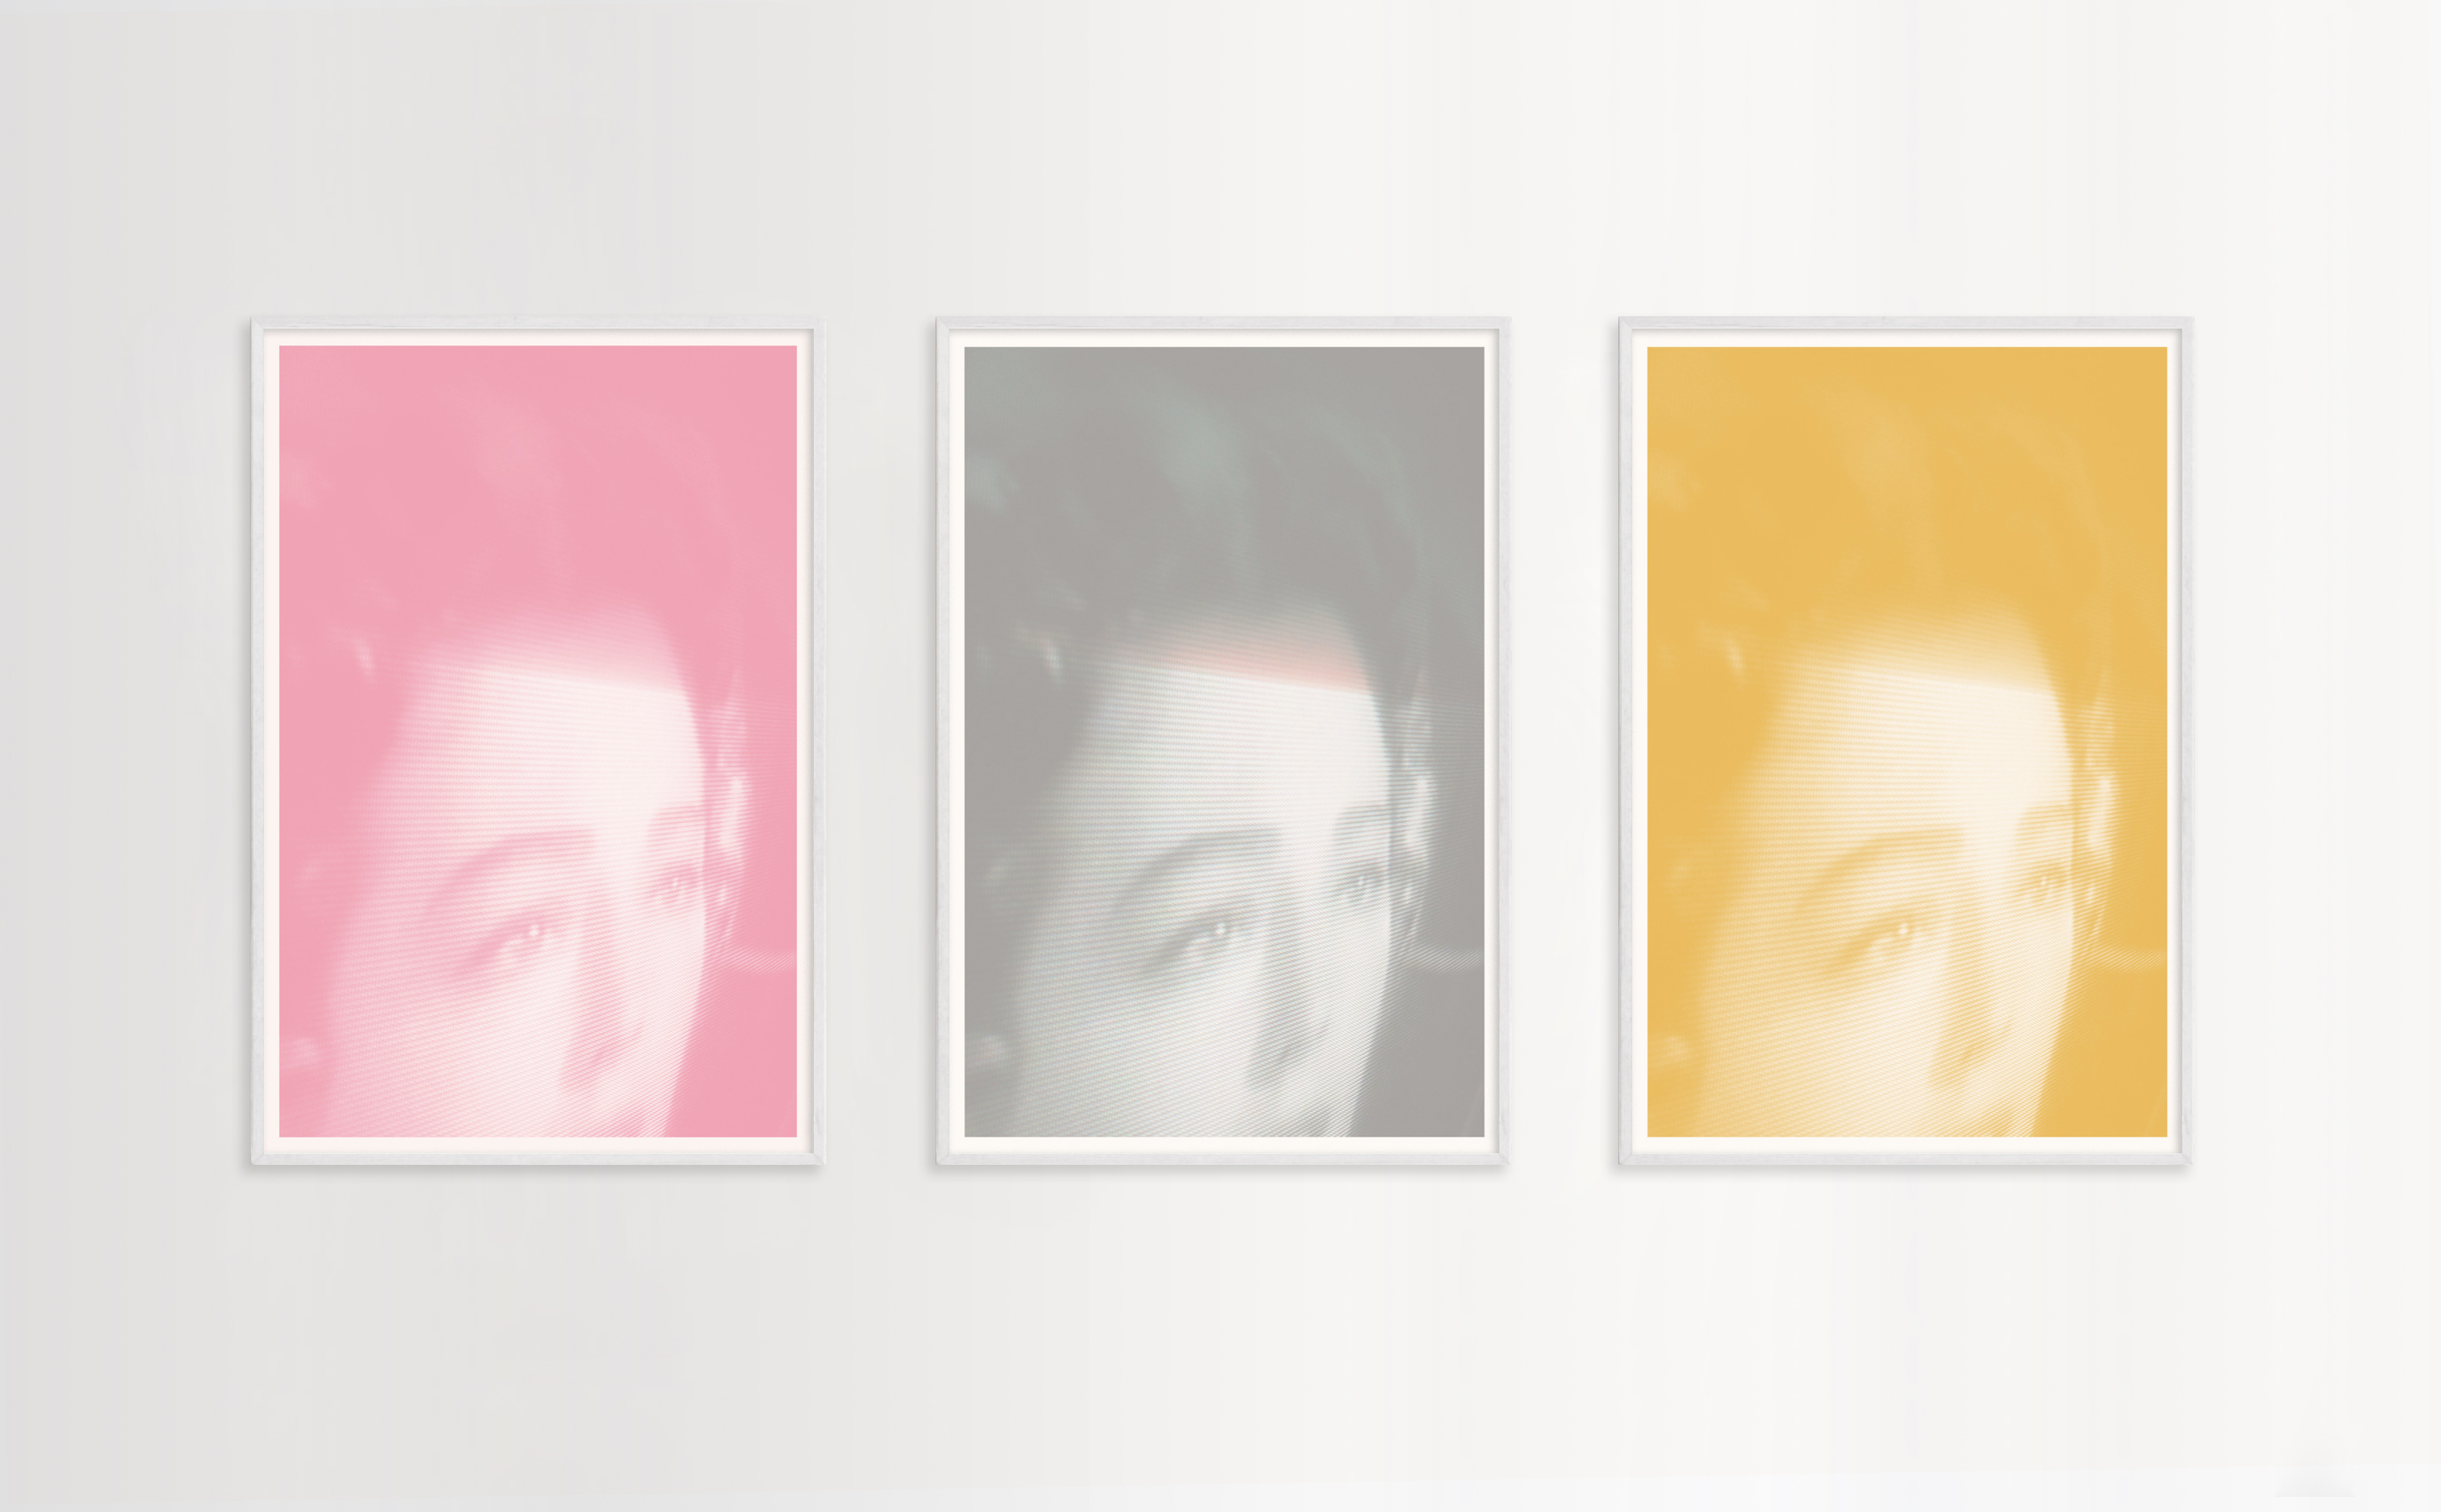 kunsttryk, fotografier, new-media, figurative, grafiske, monokrome, pop, portræt, stemninger, mennesker, pink, blæk, papir, smukke, samtidskunst, dansk, dekorative, design, kvindelig, interiør, bolig-indretning, moderne, moderne-kunst, nordisk, plakater, skandinavisk, kvinder, Køb original kunst og kunstplakater. Malerier, tegninger, limited edition kunsttryk & plakater af dygtige kunstnere.